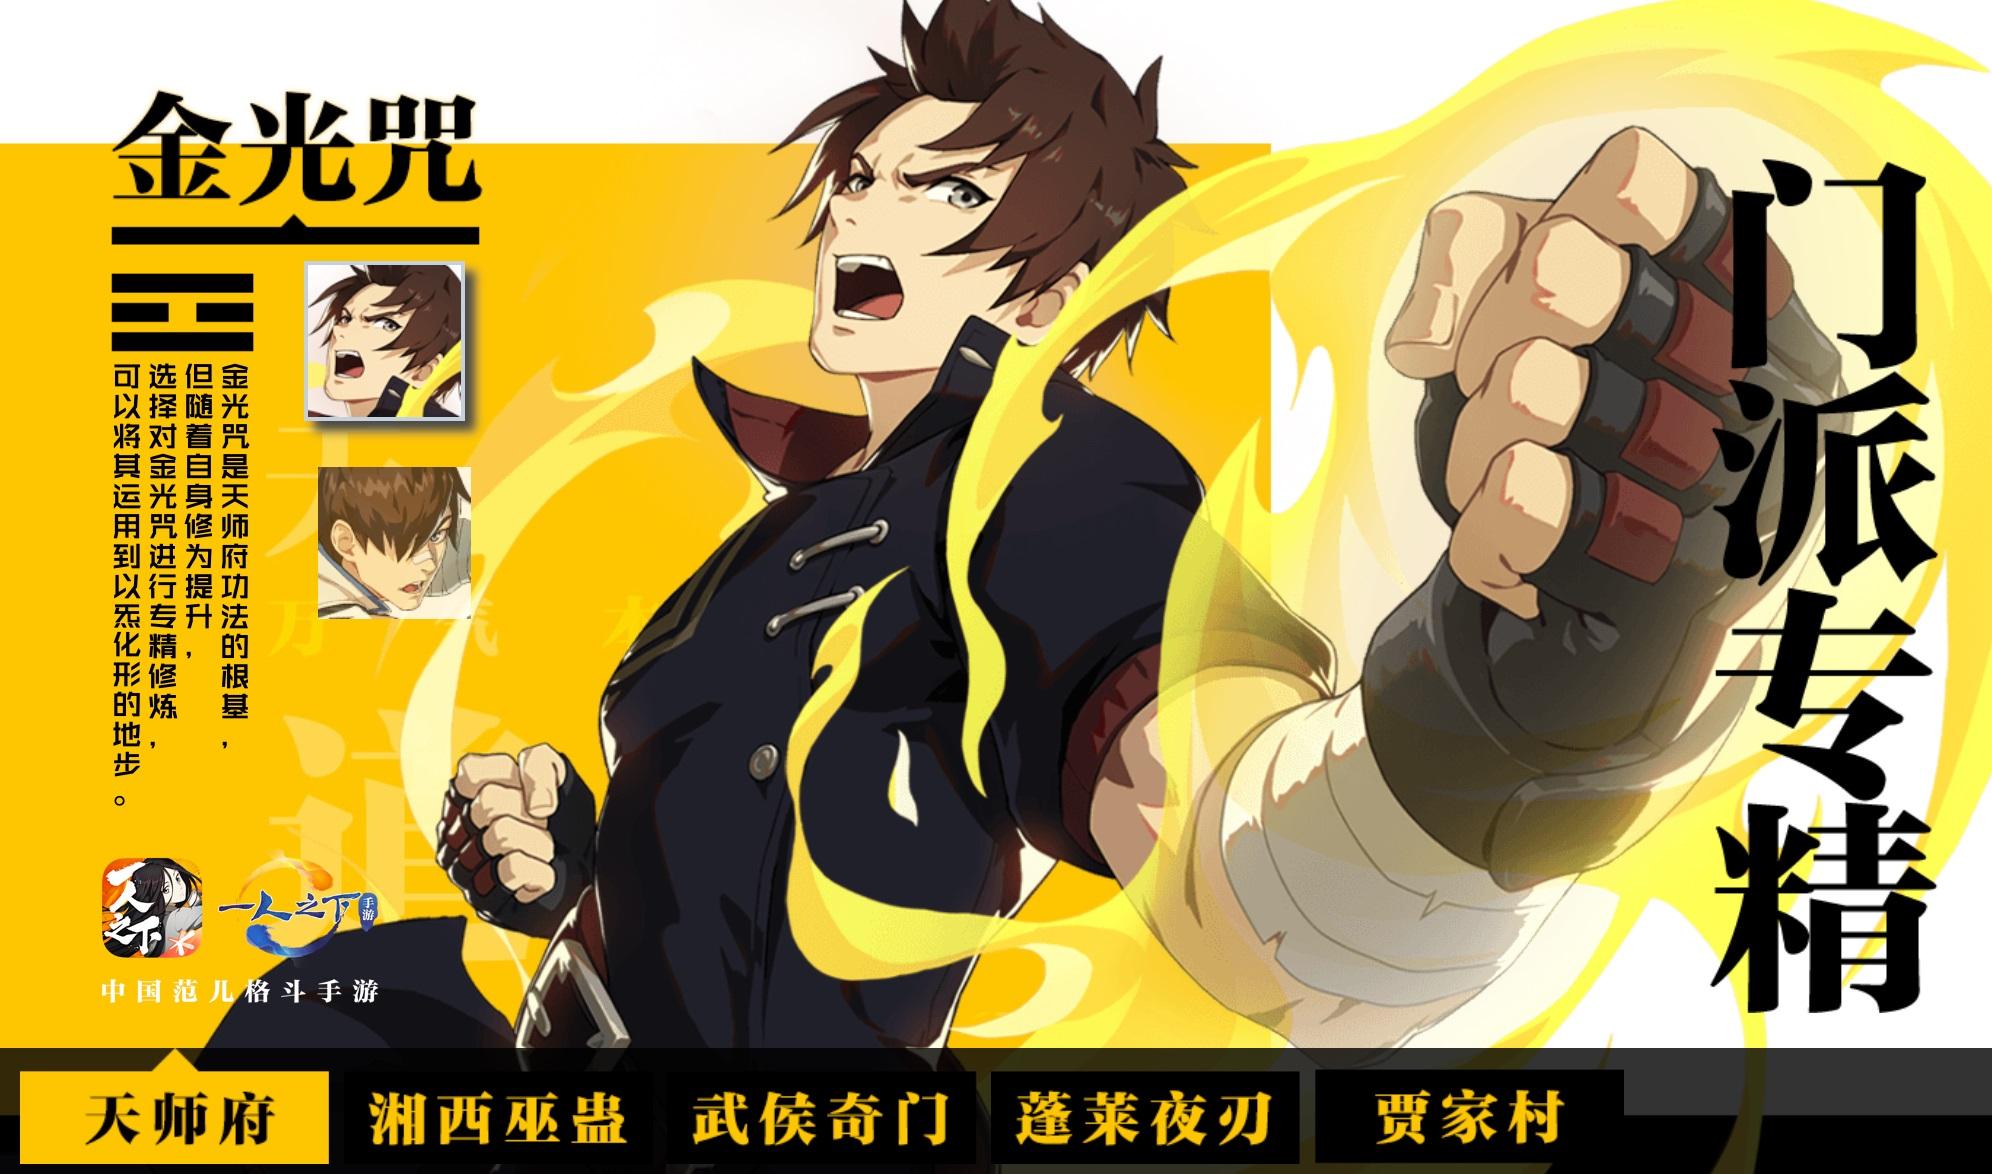 527上线!《一人之下》手游会带来怎样的中国范儿格斗?